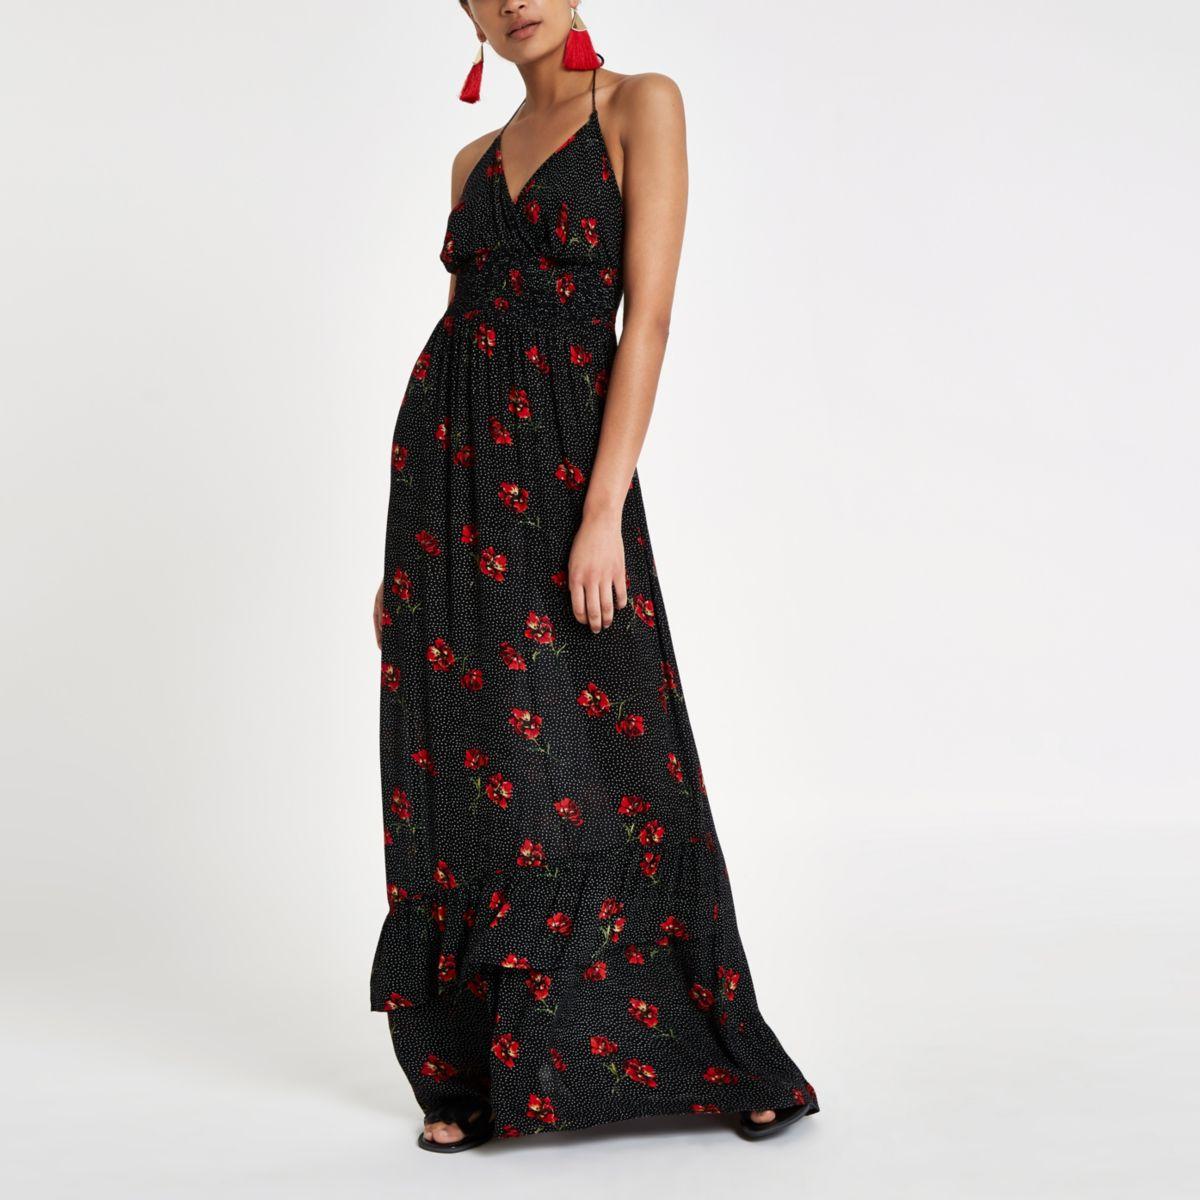 Robe longue noire à dos nu avec imprimé floral et pois